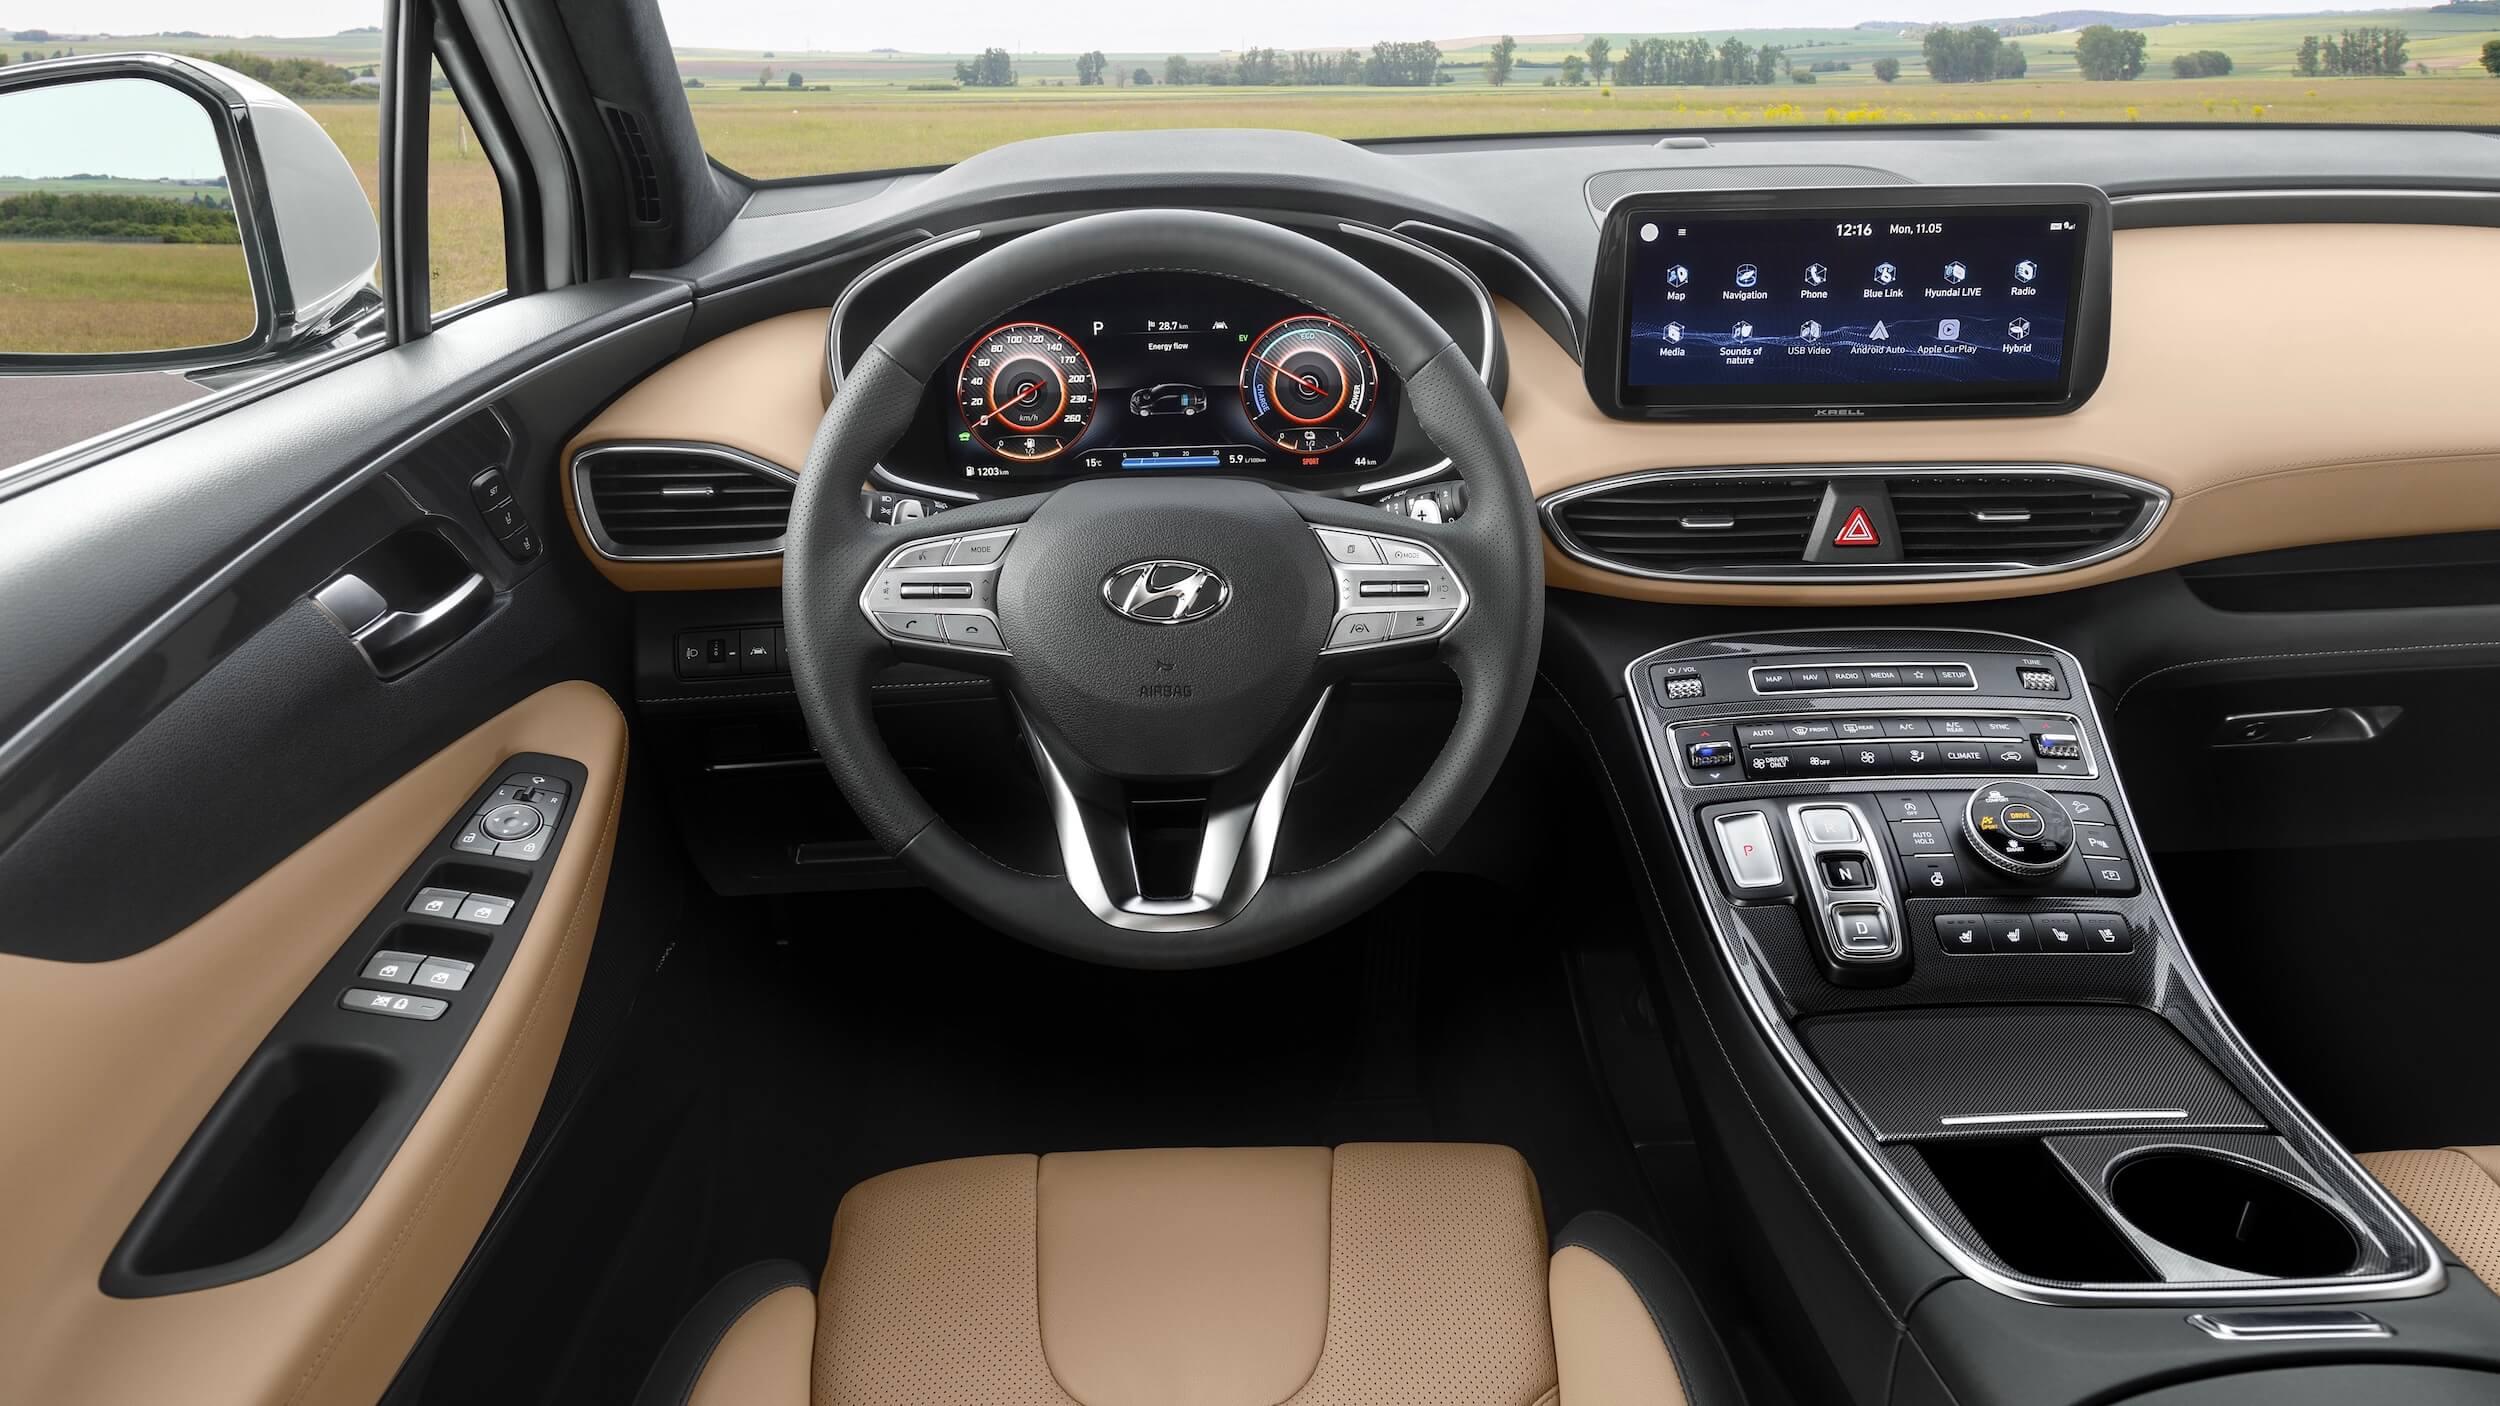 Hyundai Santa Fe hybrid interior